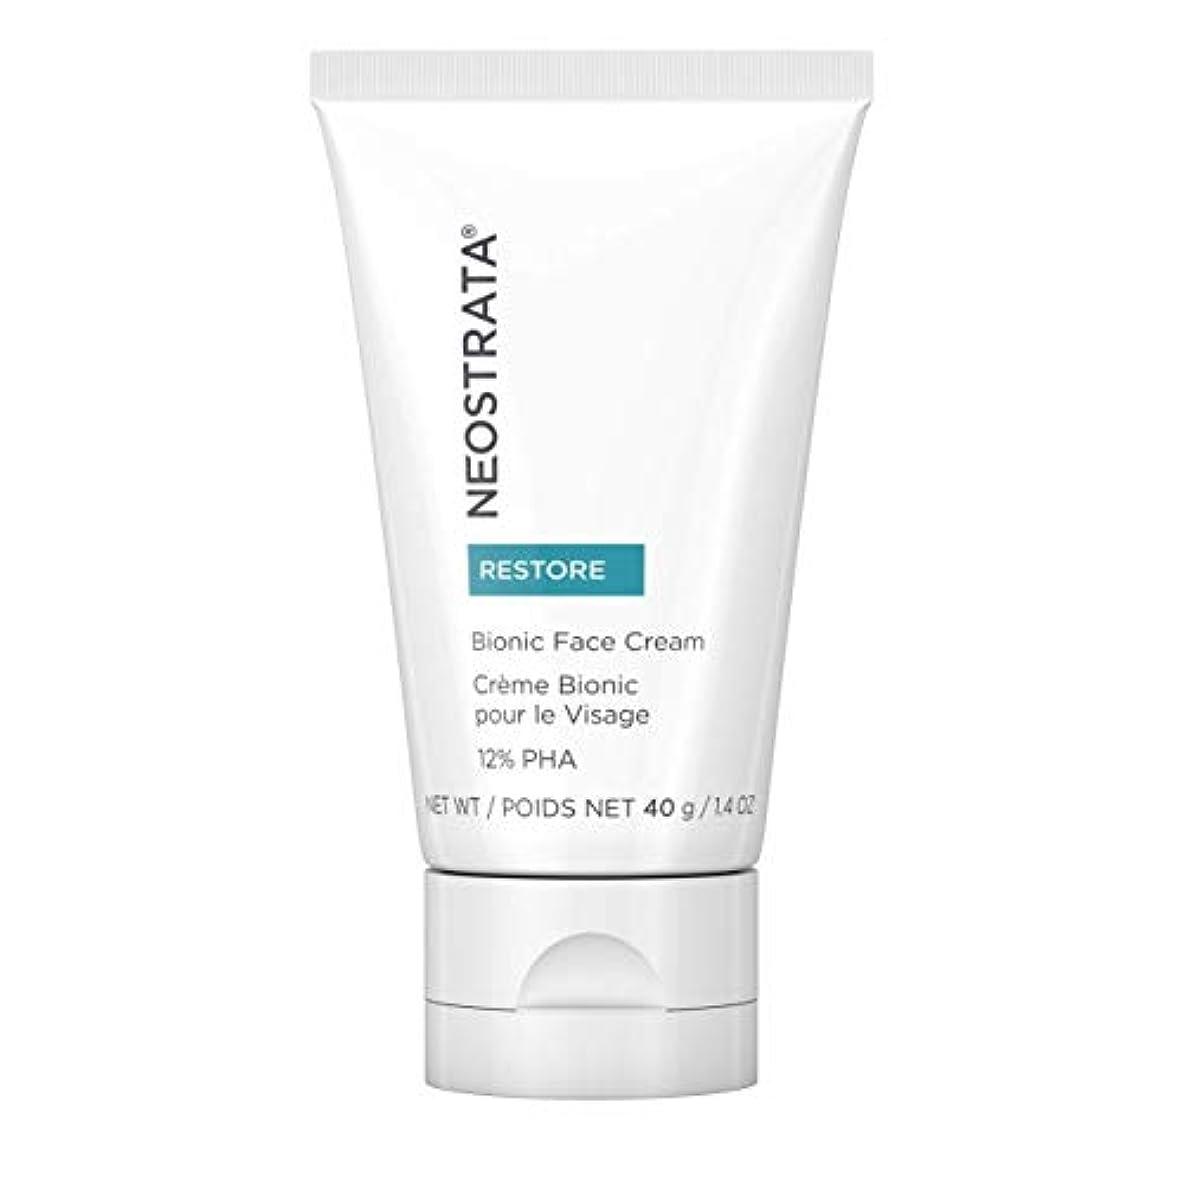 ネオストラータ Restore - Bionic Face Cream 12% PHA 14g/1.4oz並行輸入品